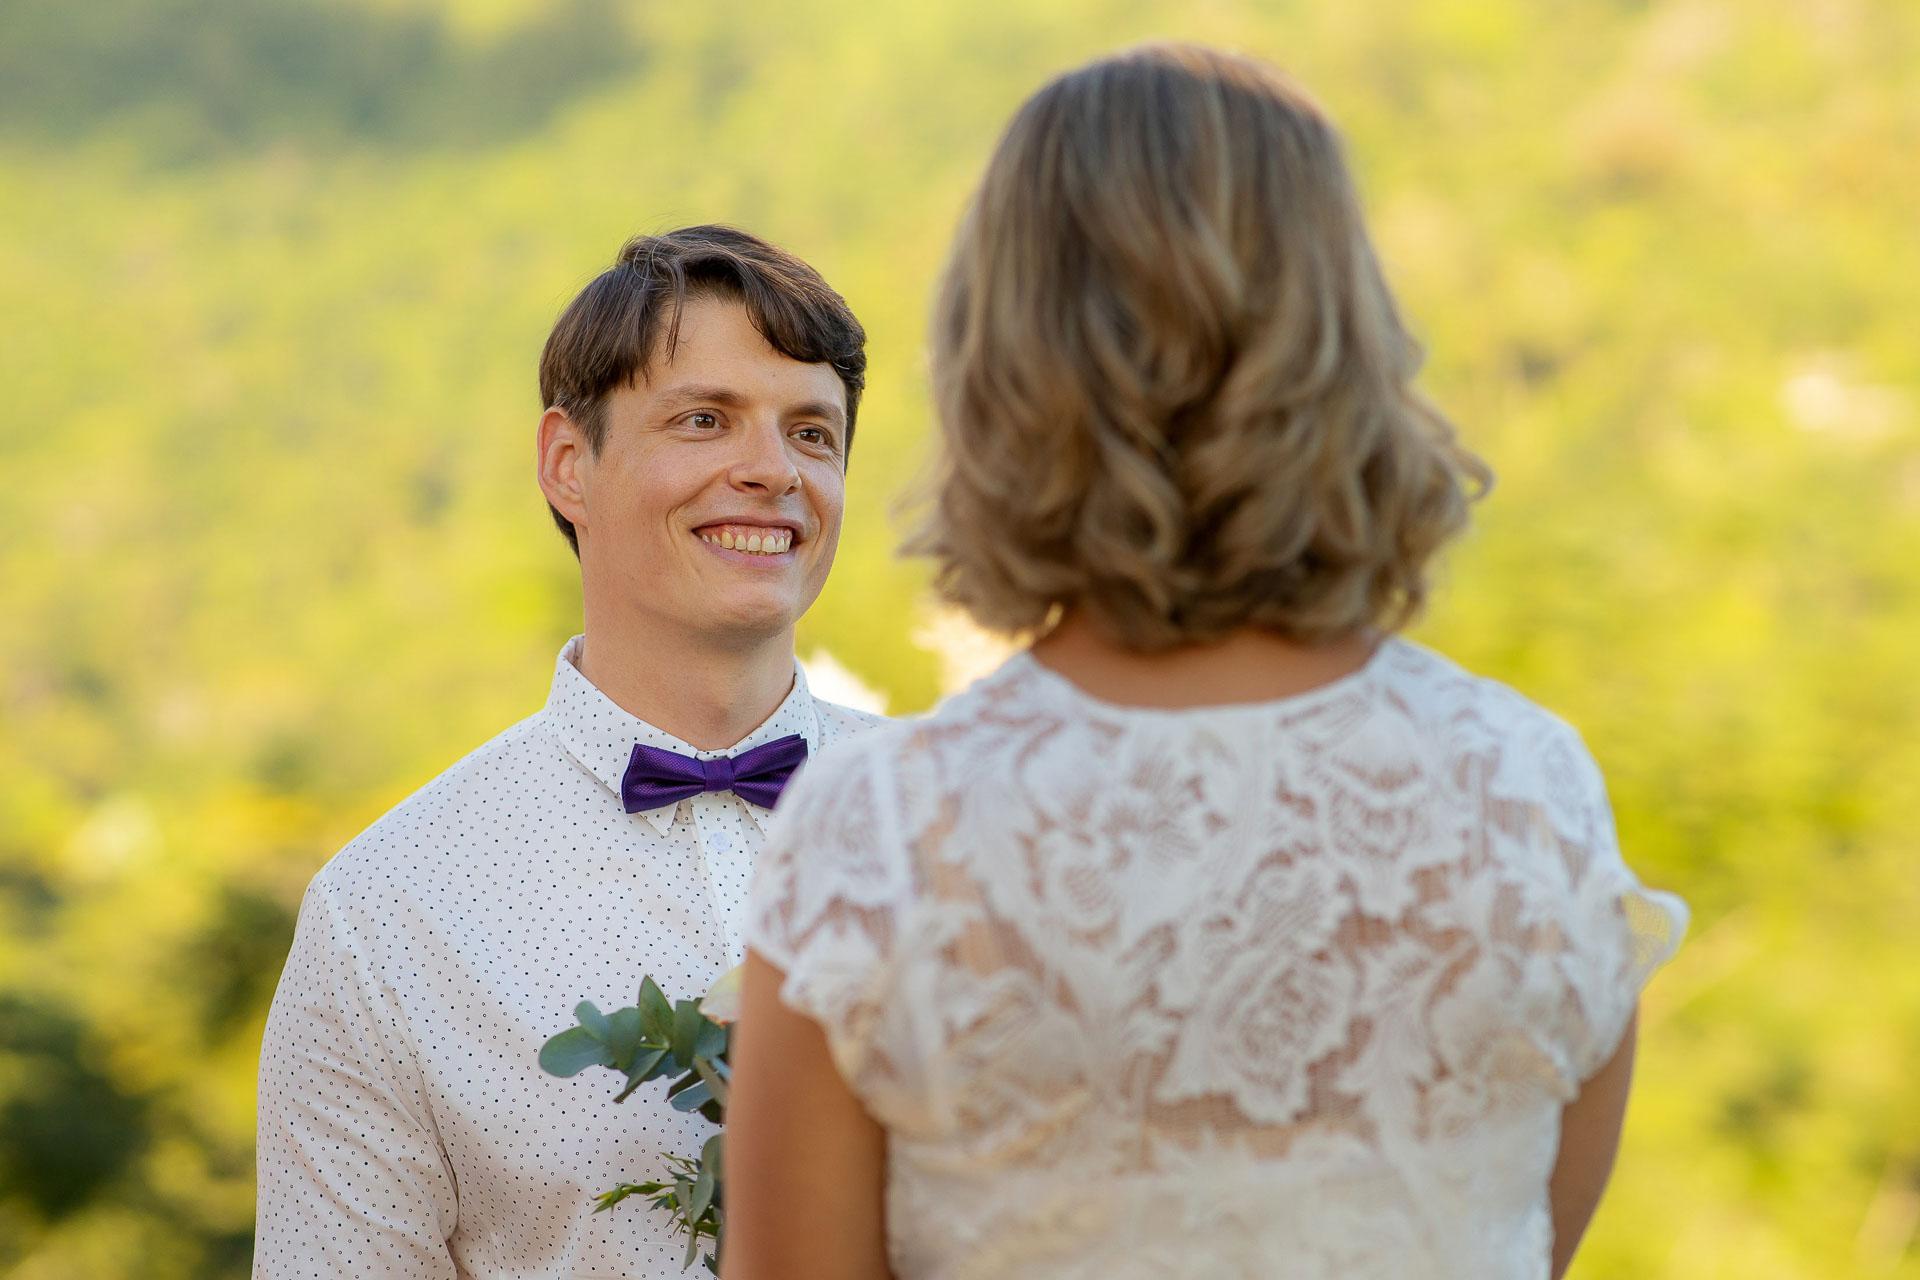 Cérémonie de mariage Pic à Dominical - Costa Rica | un sourire éclatant et des yeux adorateurs